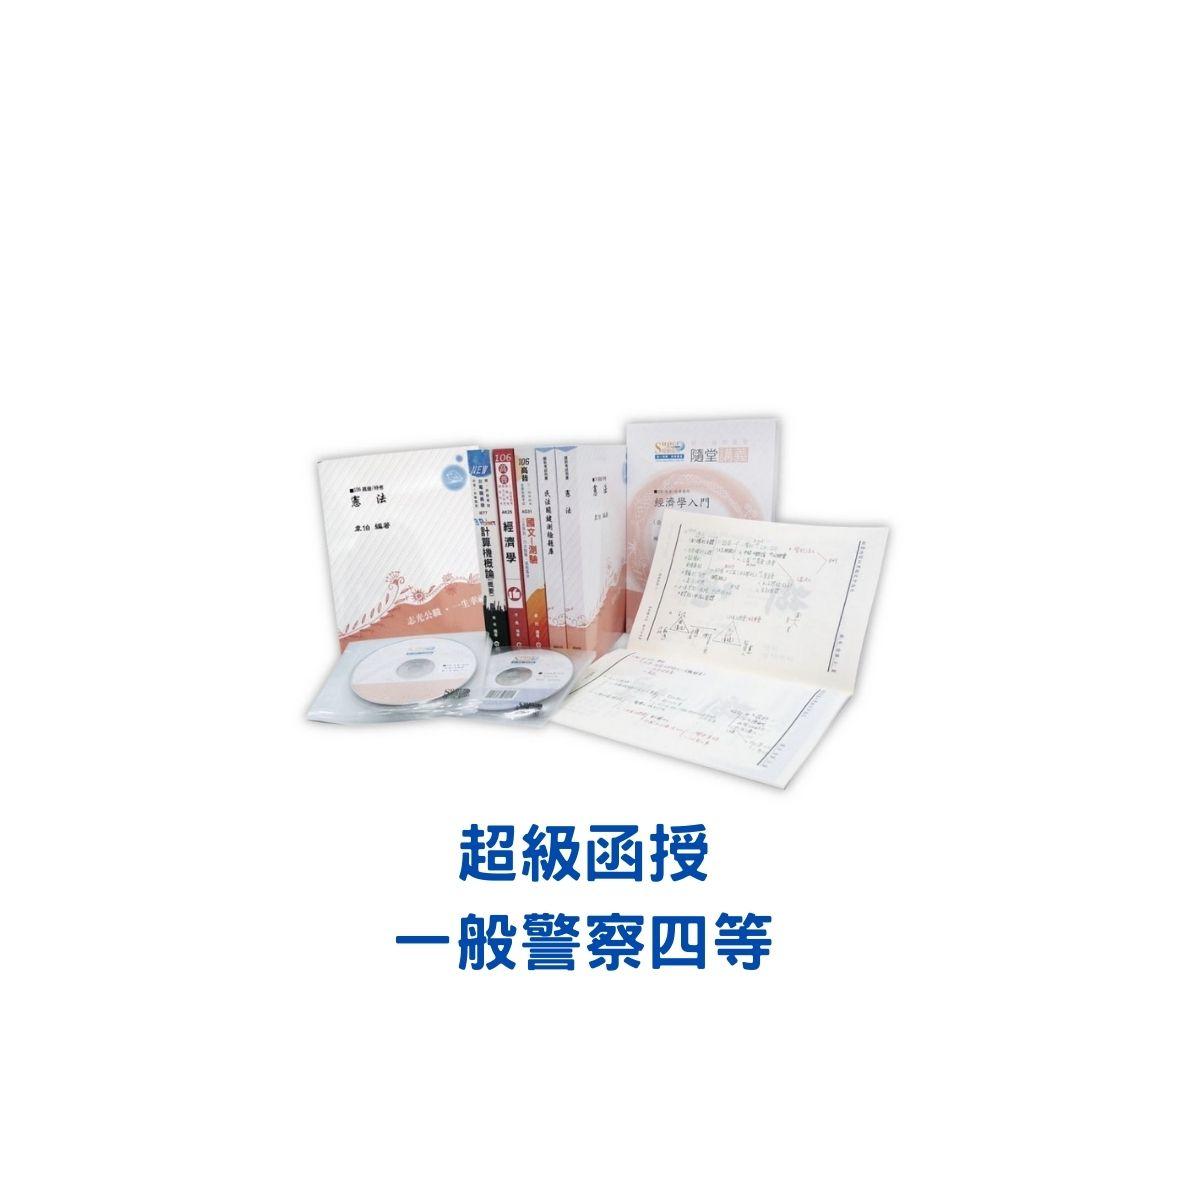 110/超級函授/一般警察-四等/消防警察/年度班/專業科目/雲端函授